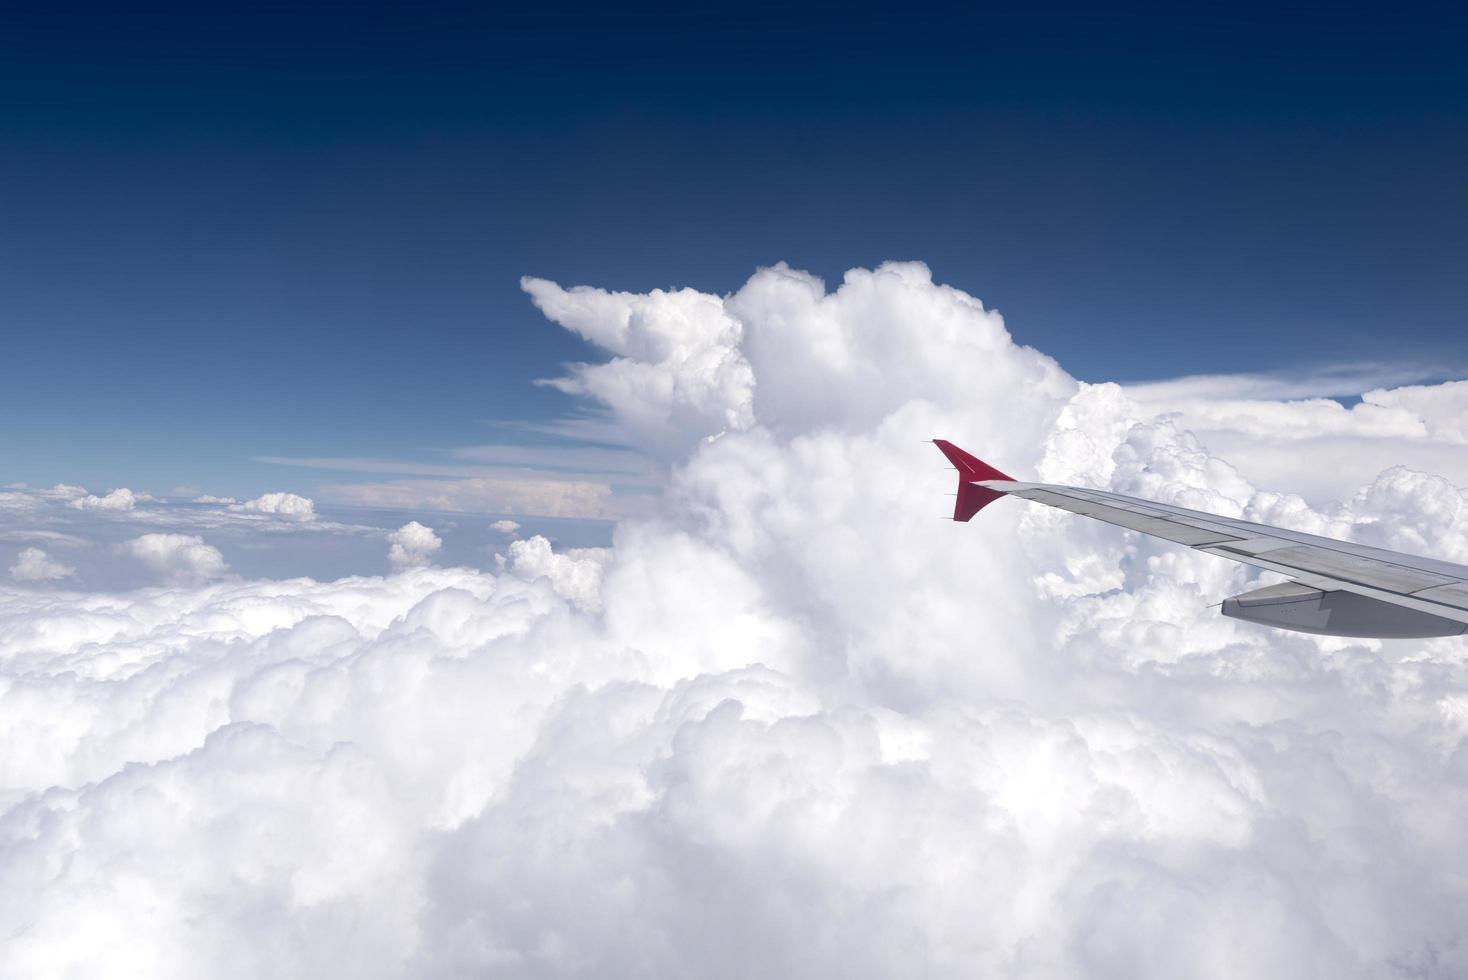 vista dell'ala dell'aeroplano dal finestrino del passeggero foto